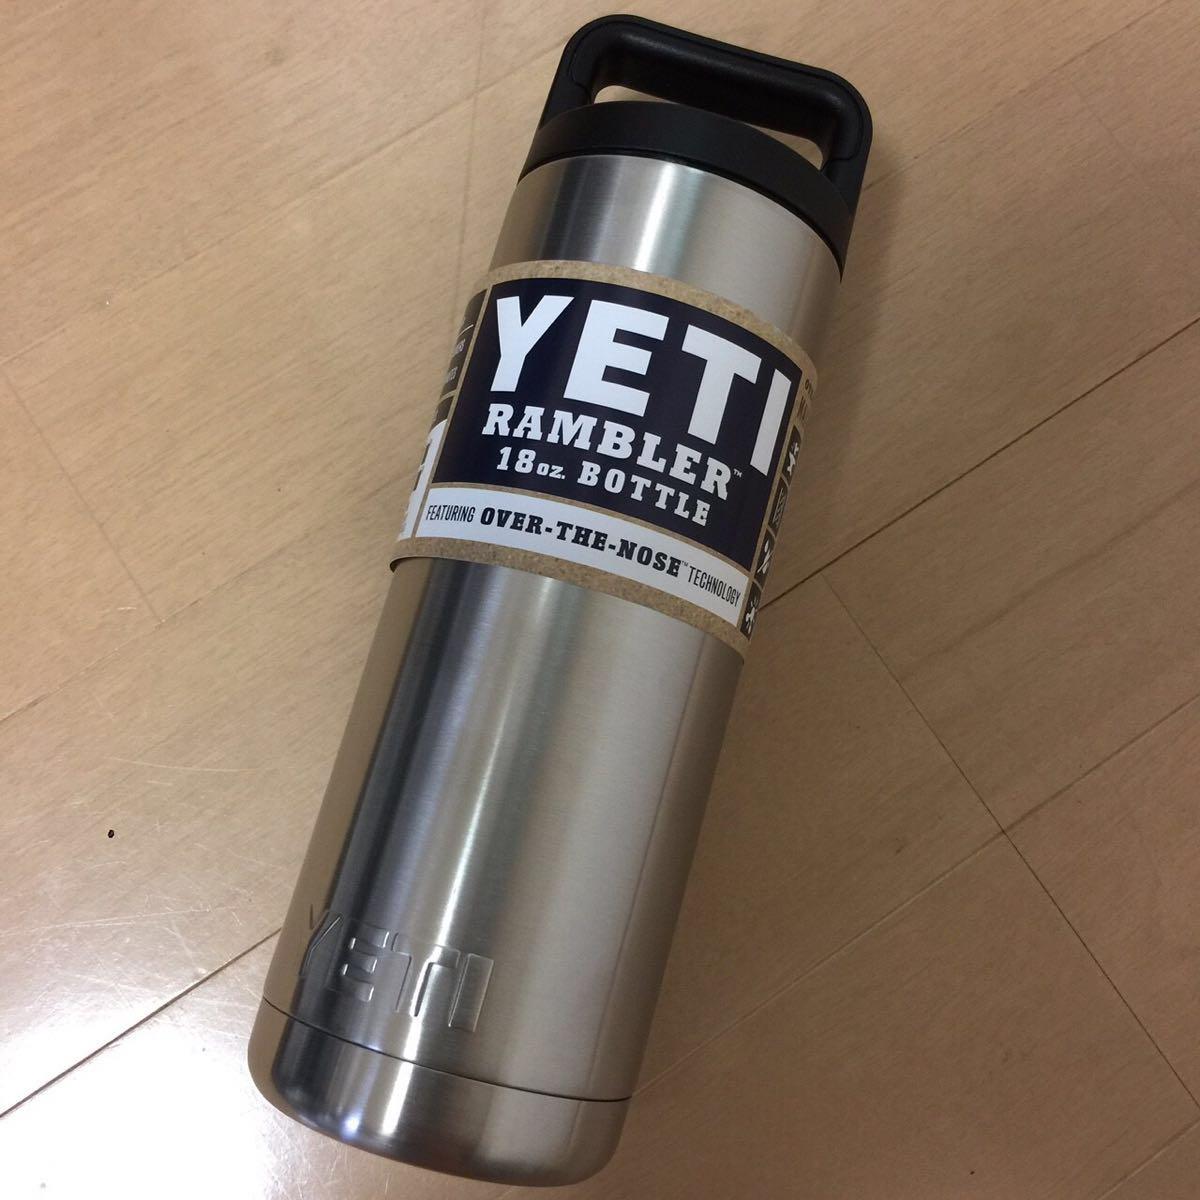 新品未使用★YETI イエティ RAMBLER Bottle 18oz クーラーボトル 水筒 保温保冷